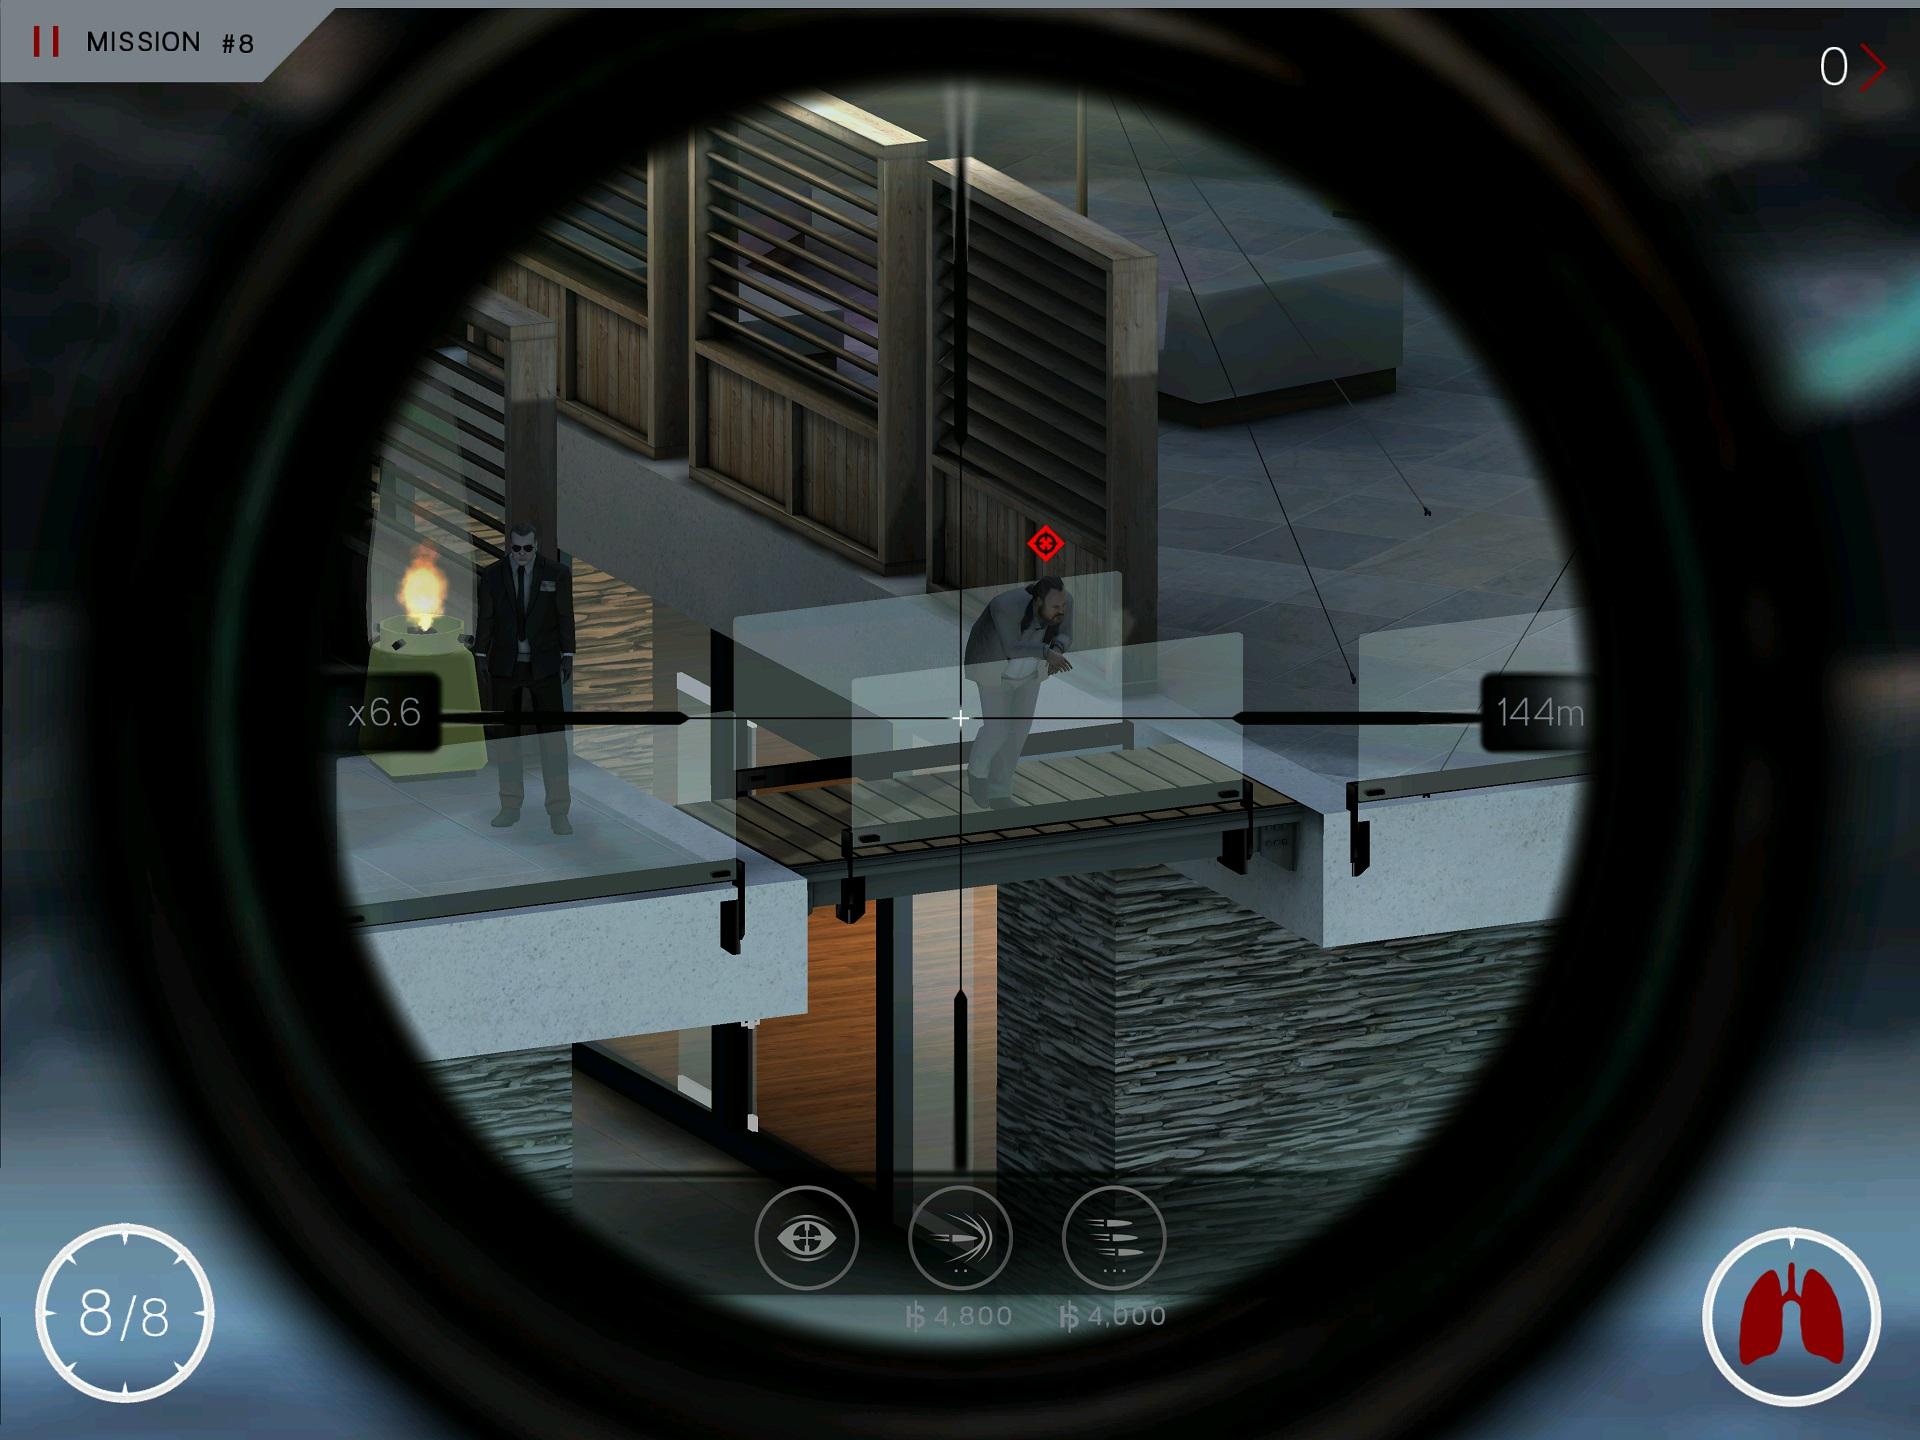 hitman sniper hands on impressions itchy trigger finger shacknews rh shacknews com